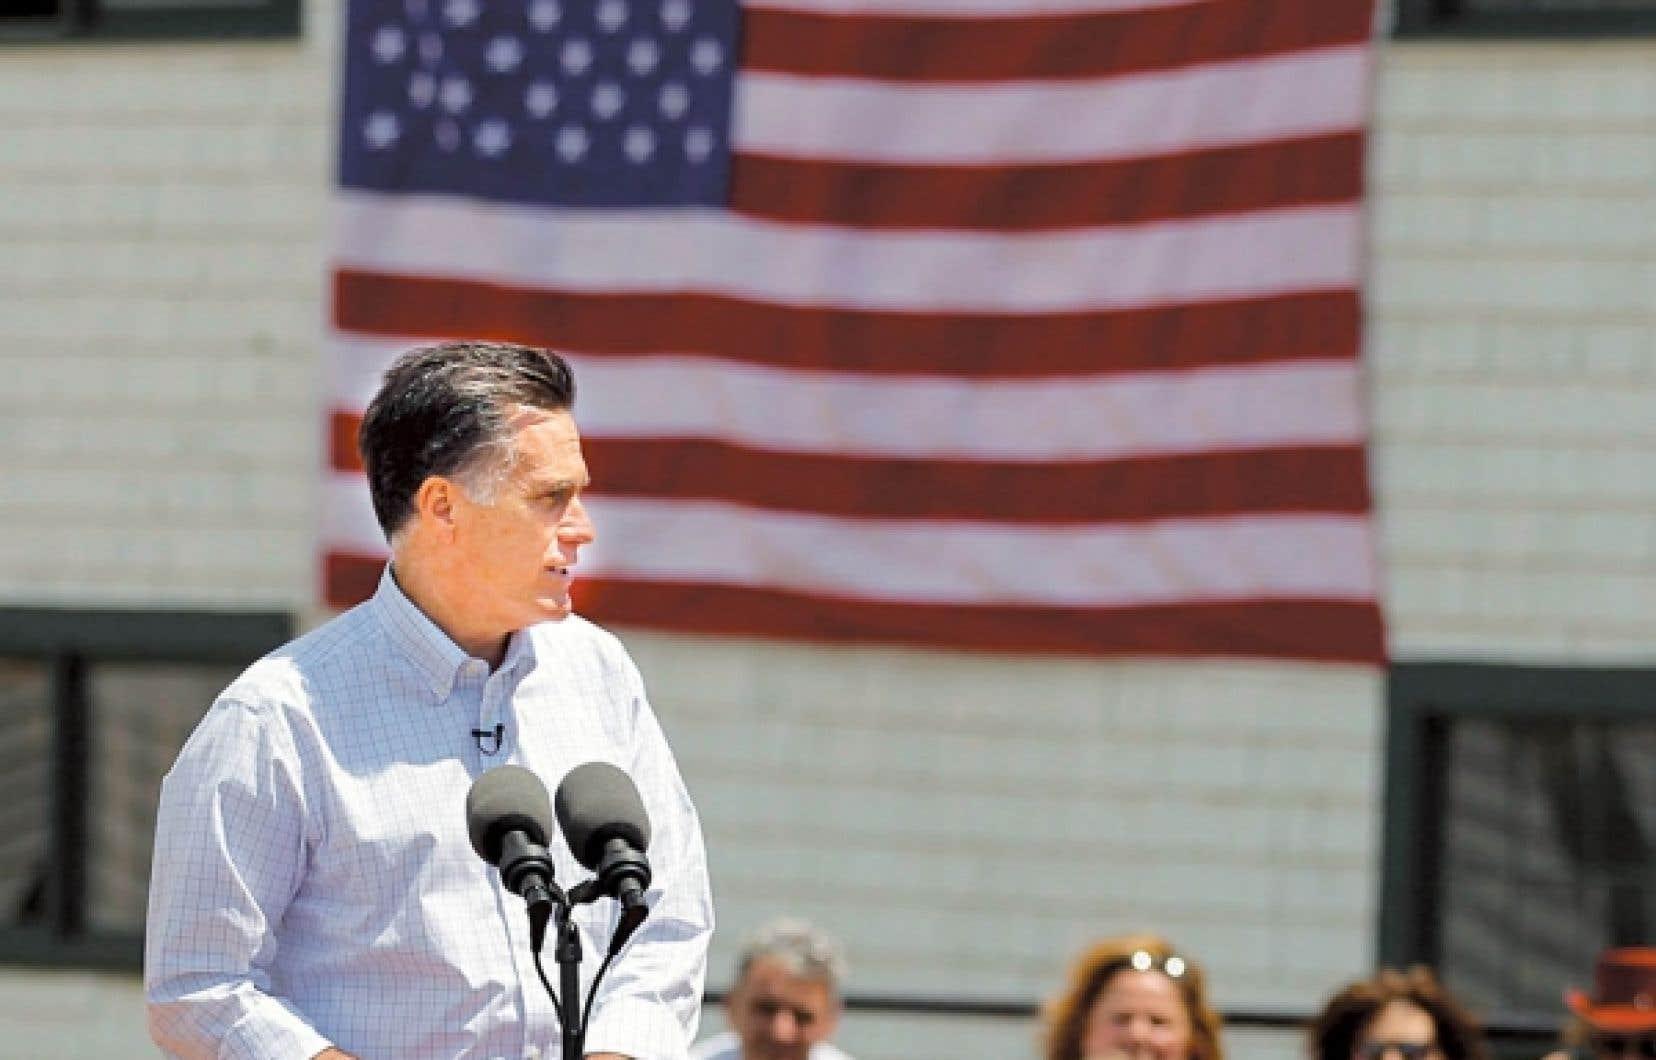 Mitt Romney a pris la parole dans une ferme du New Hampshire.